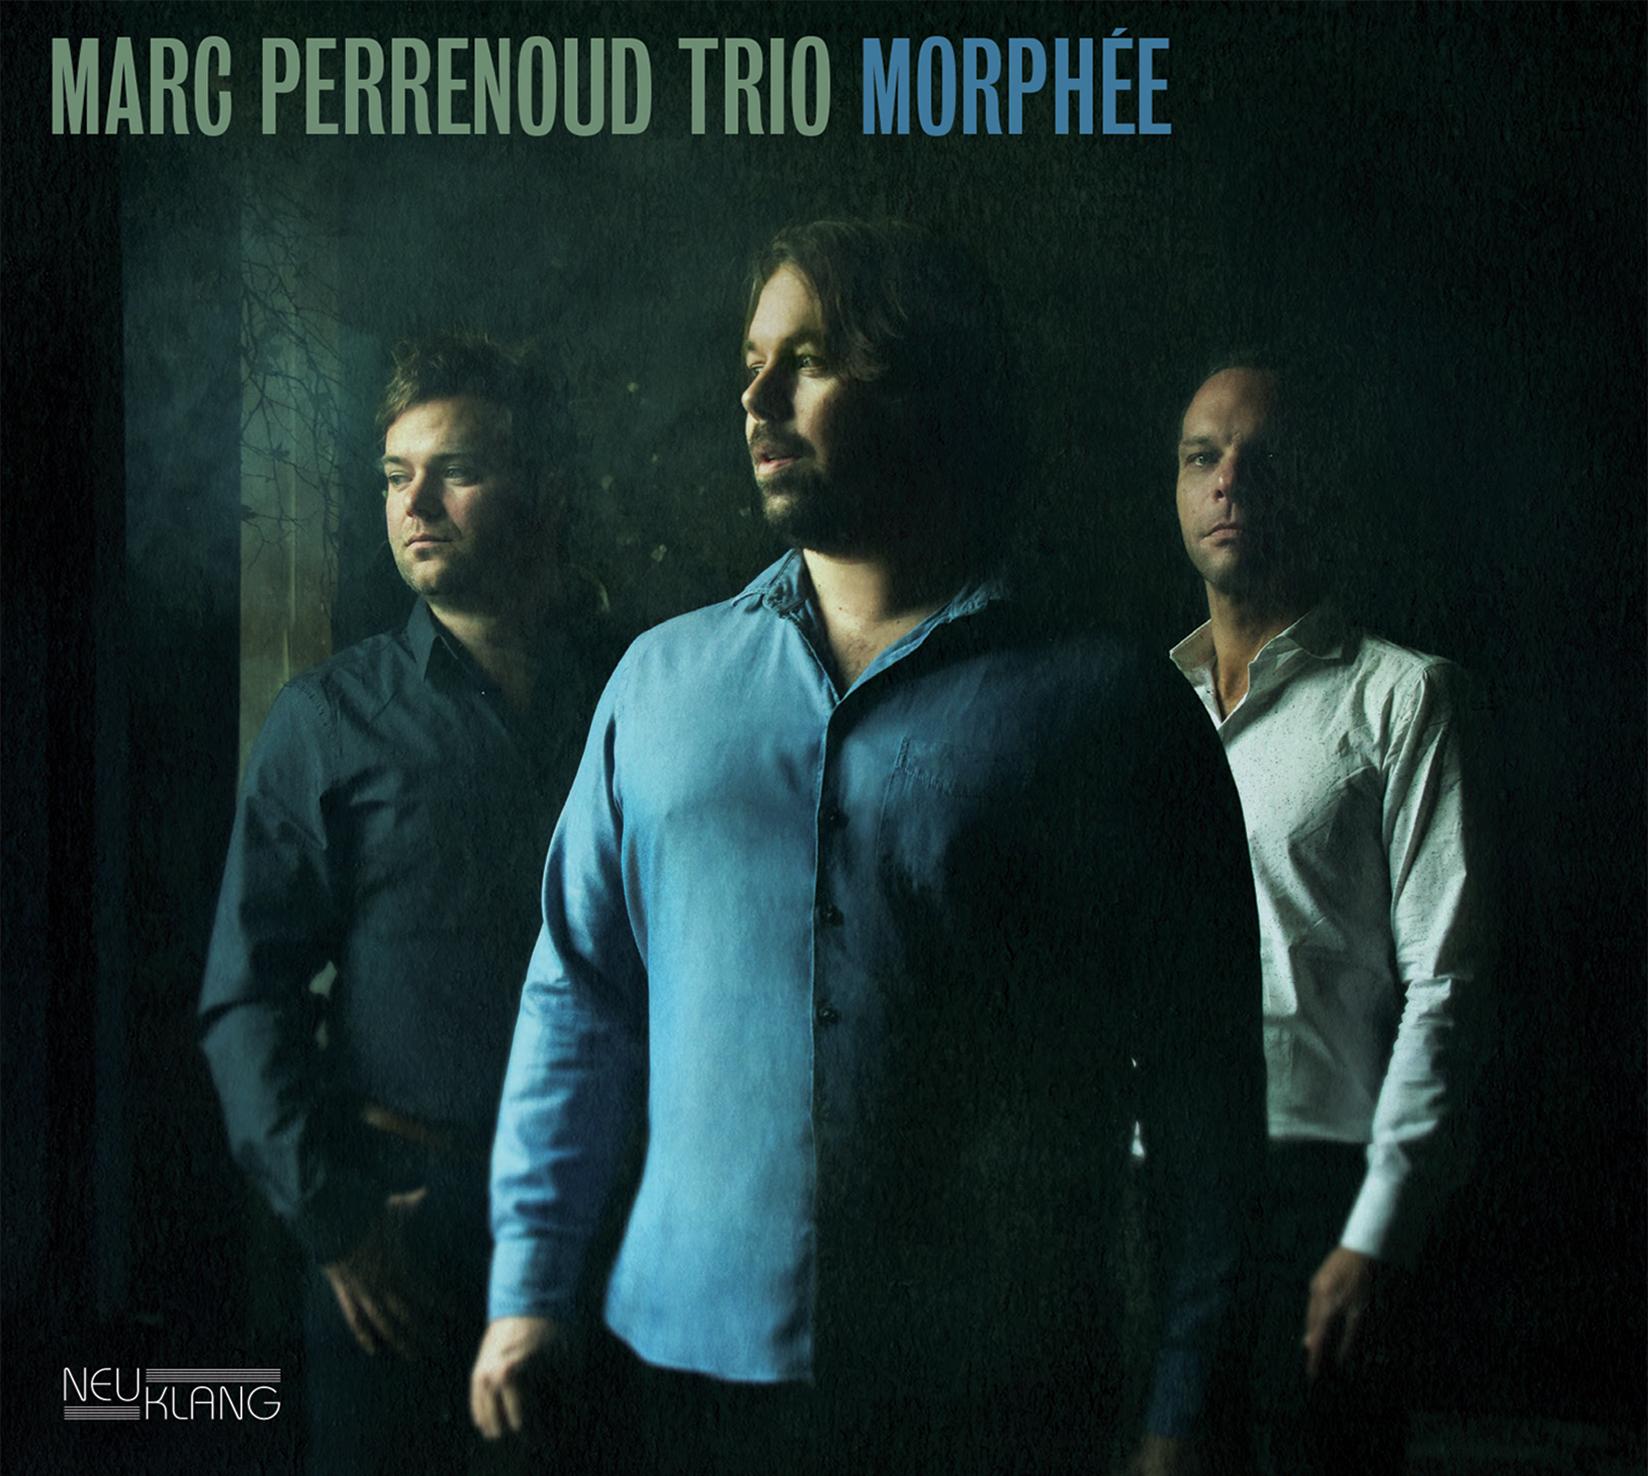 MORPHEE - Marc Perrenoud